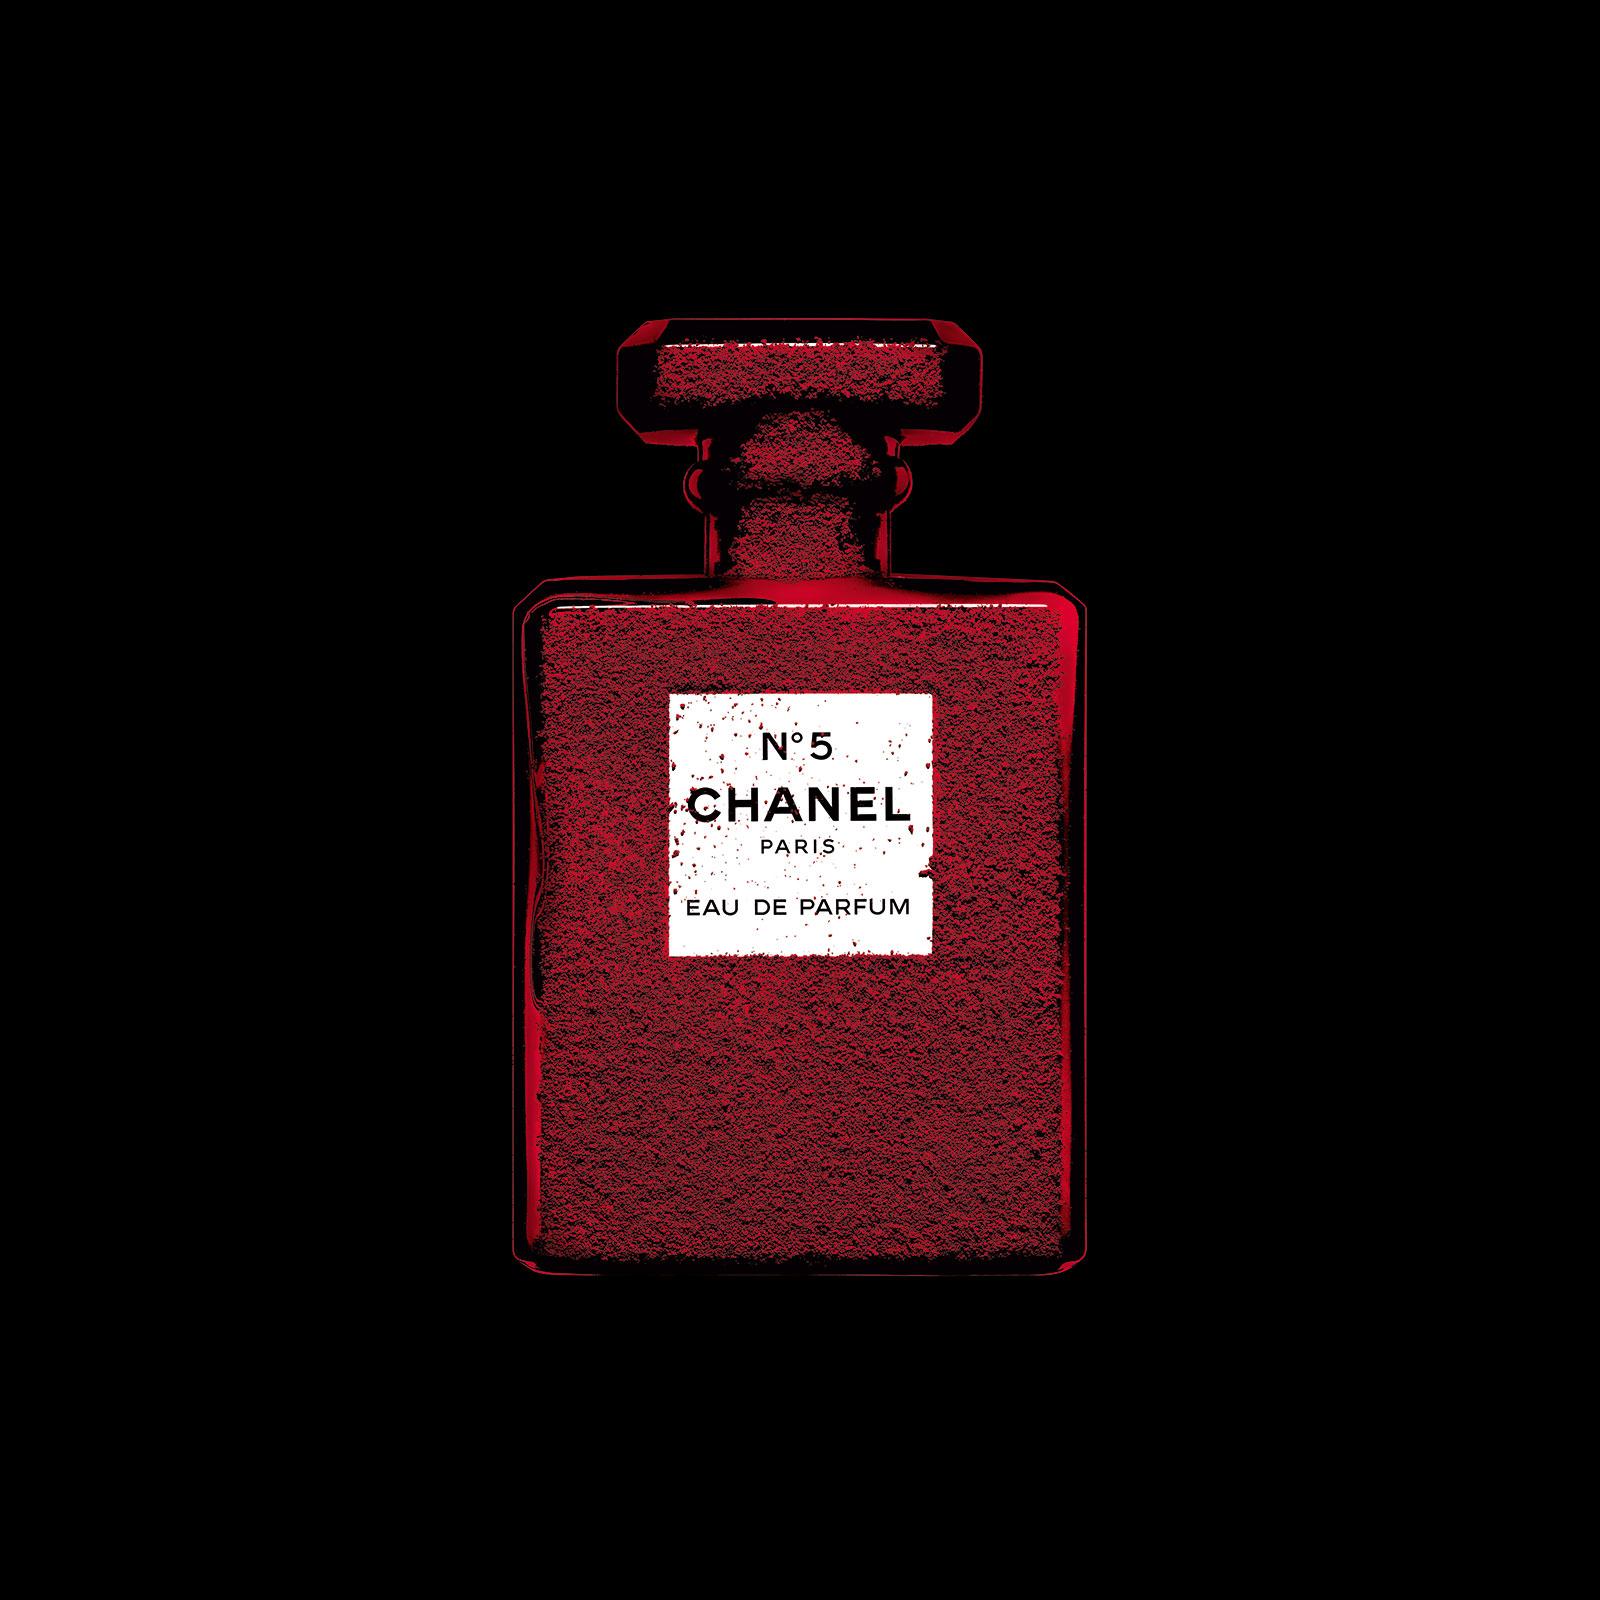 487f5c02830 Chanel No 5 Eau de Parfum Red Edition Chanel for women Pictures ...